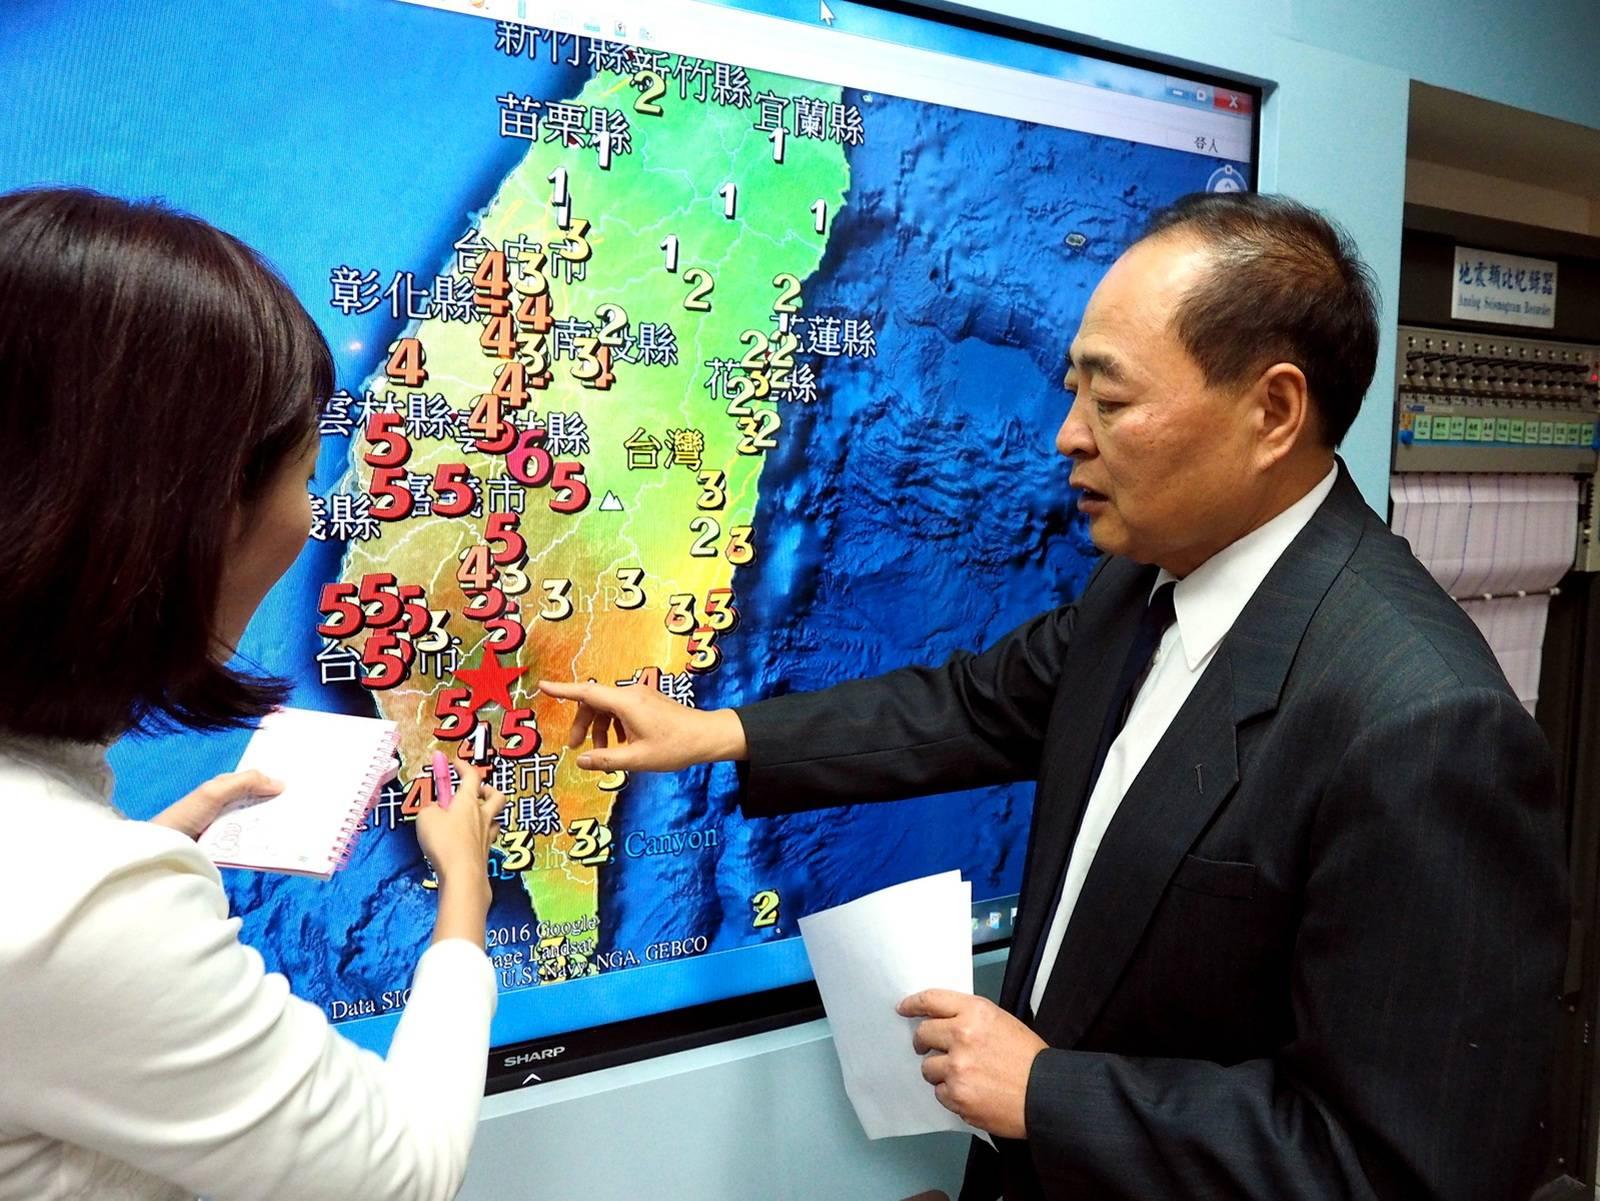 Особенности тайваньского языка: исторический экскурс и распространение русского языка на тайване